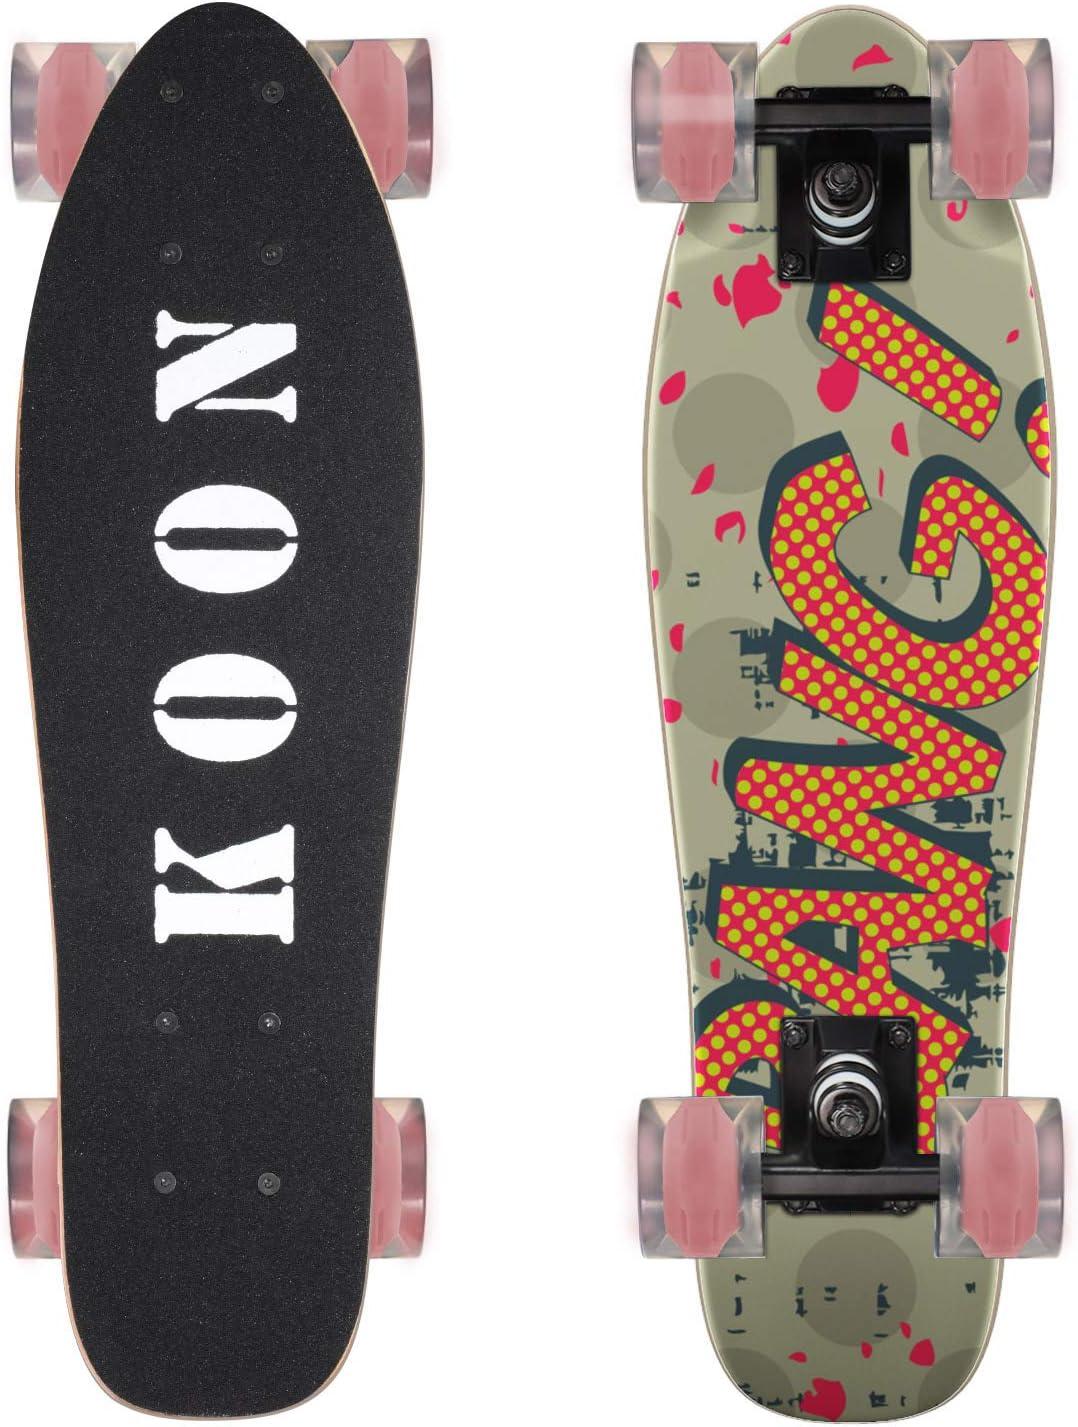 KO-ON Skateboards 22 Inch Complete Mini Cruiser Skateboard for Beginner Boys and Girls Grind Me